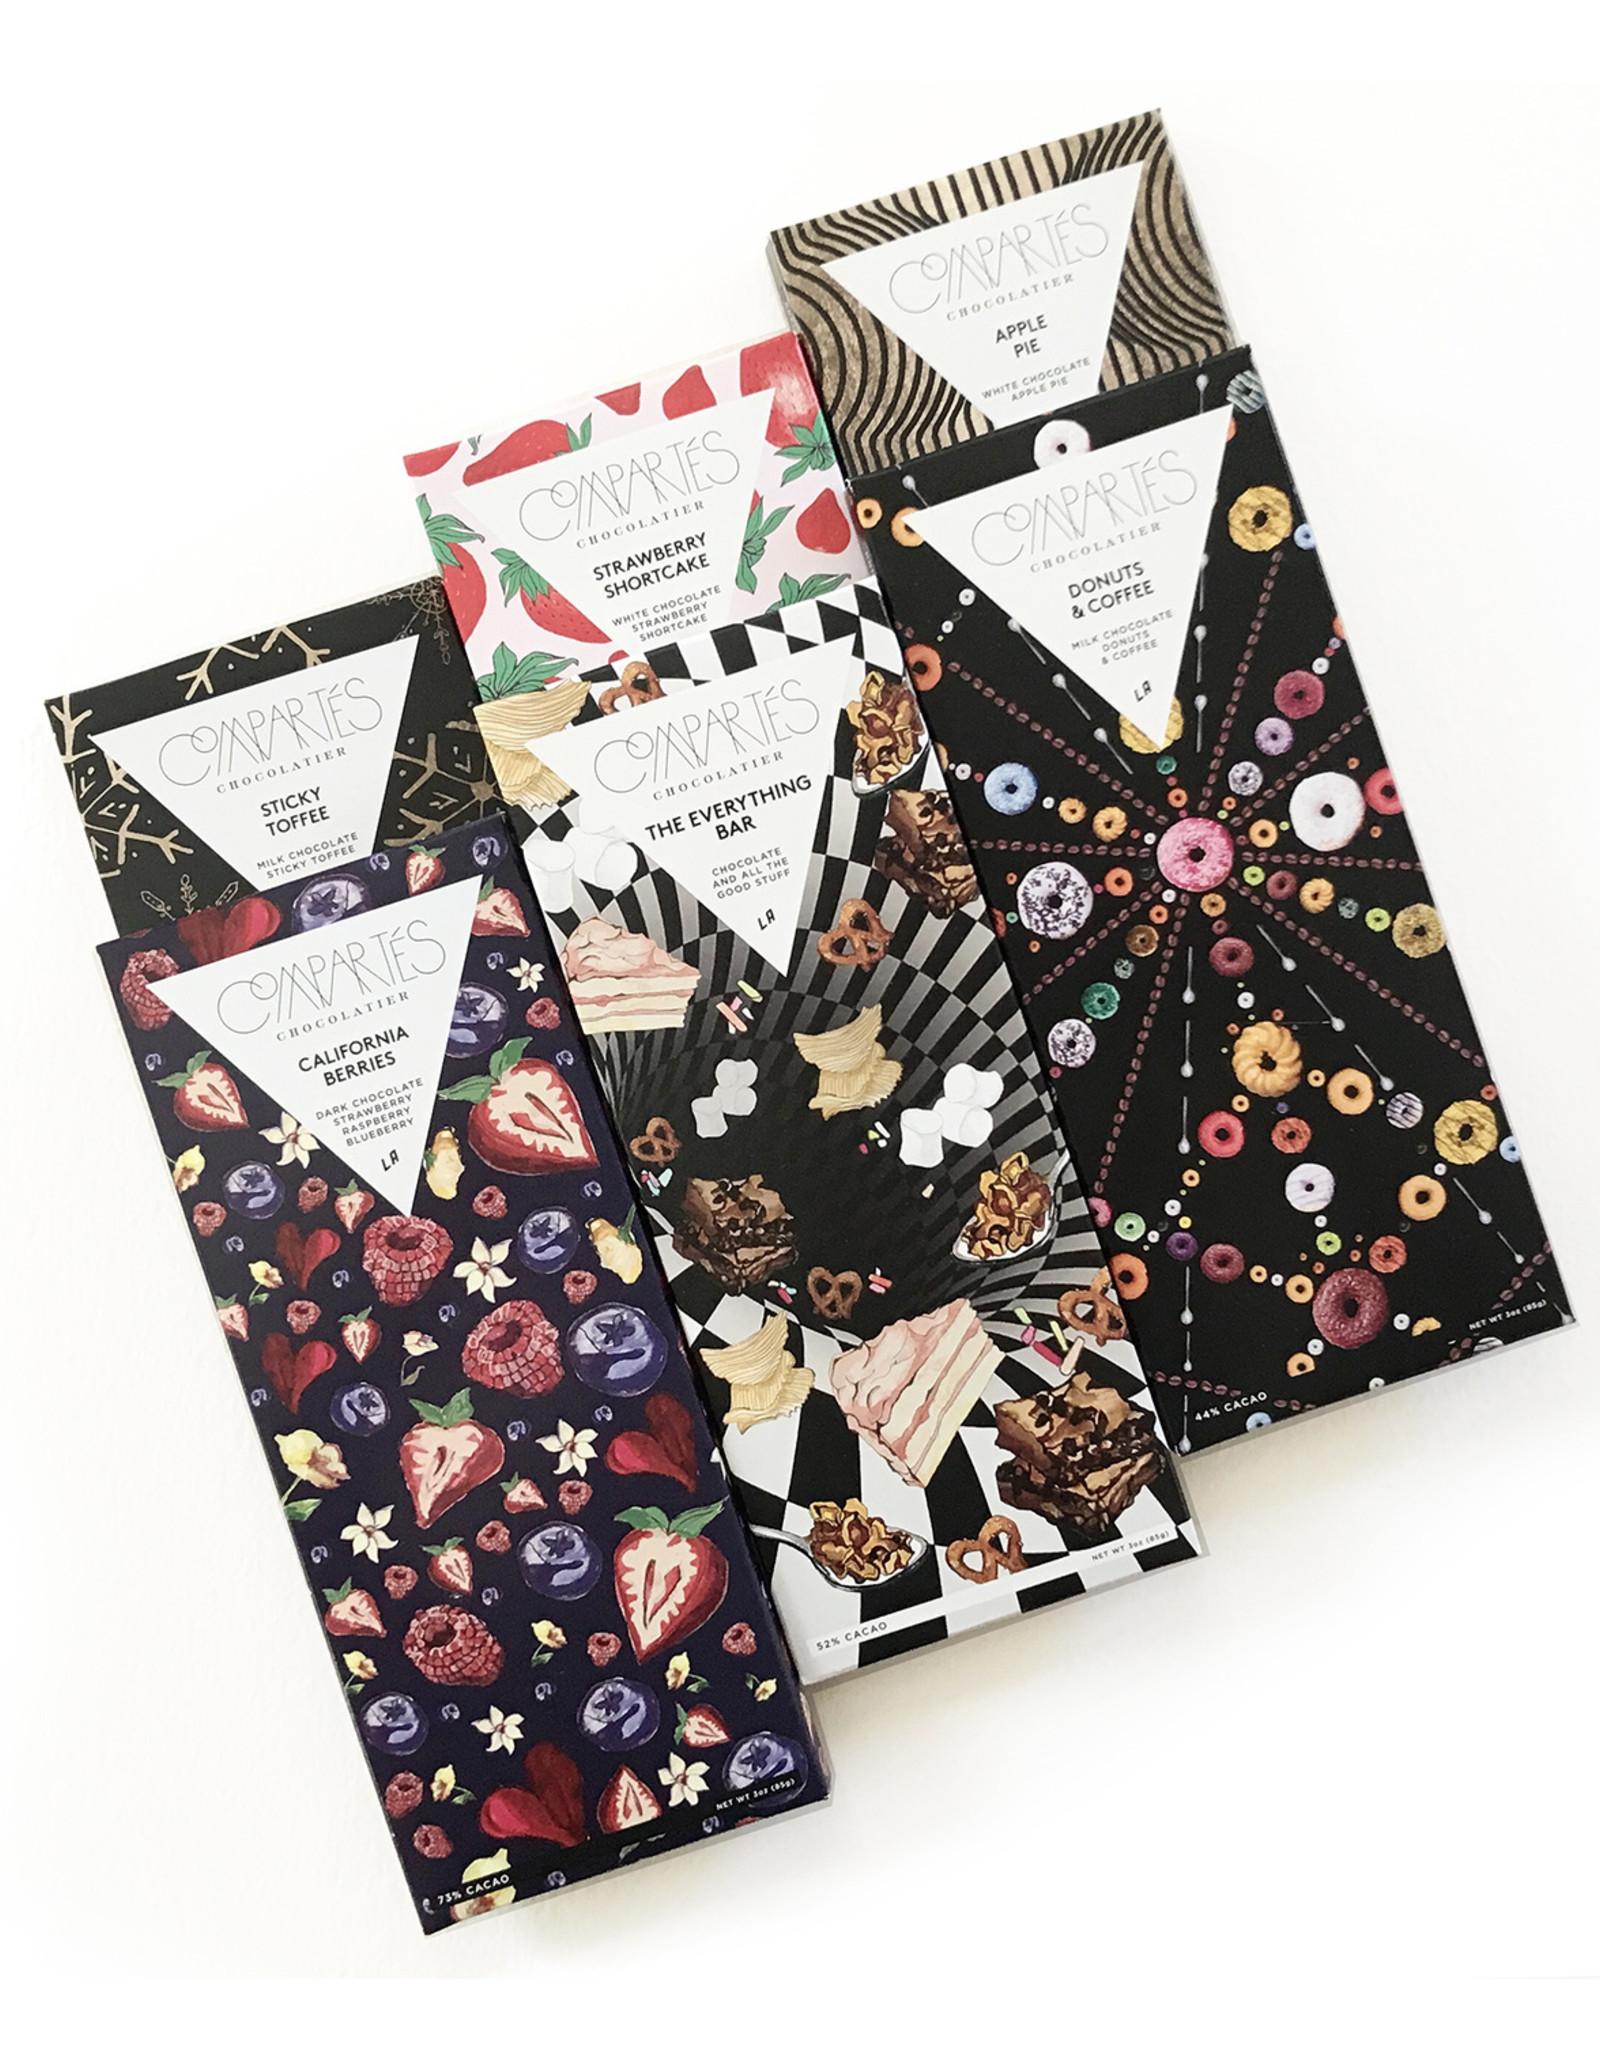 Compartes Compartes Chocolate Bar